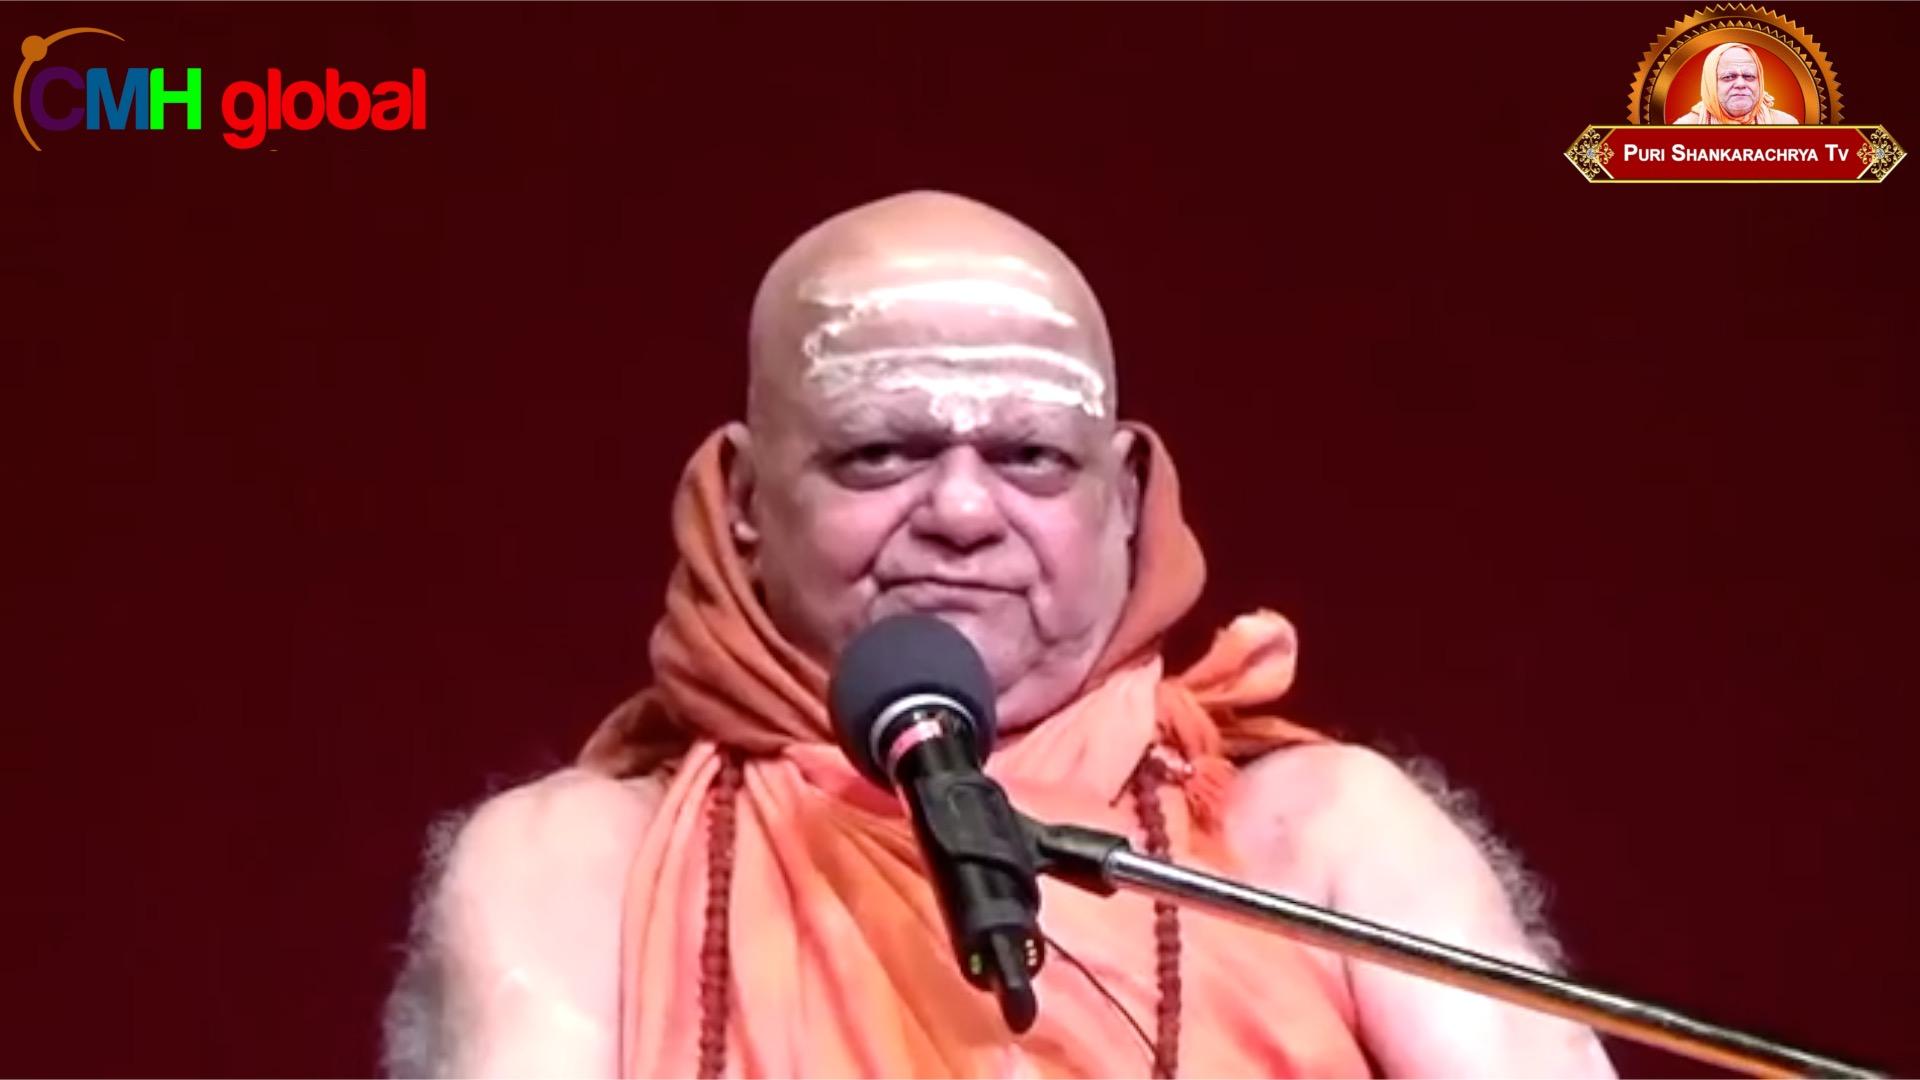 Gyan Dhara Ep -26 by Puri Shankaracharya Swami Nishchalananda Saraswati Ji